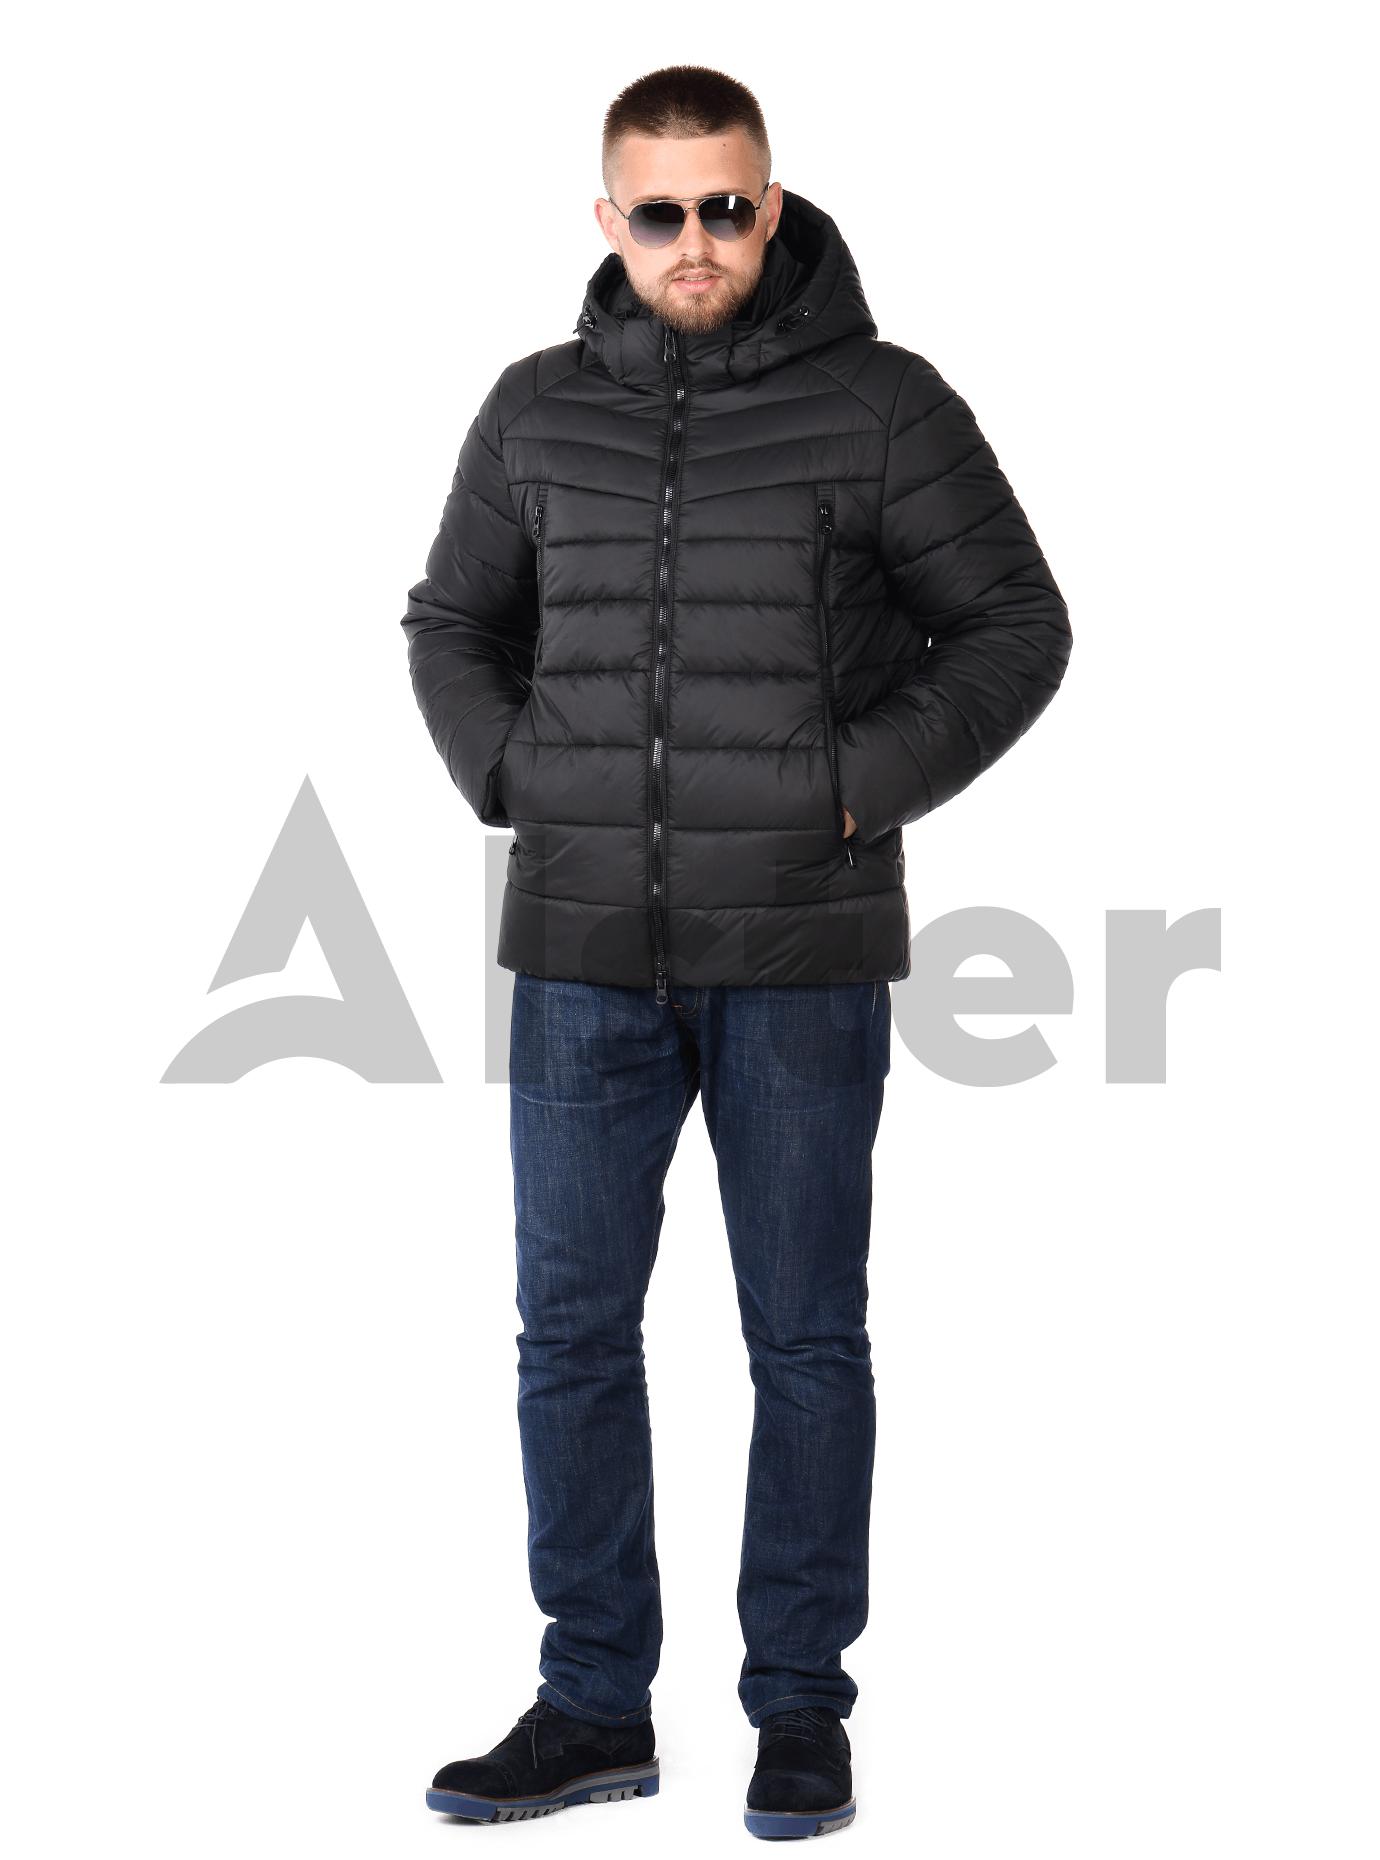 Куртка мужская зимняя на молнии Чёрный 48 (02-MT19184): фото - Alster.ua